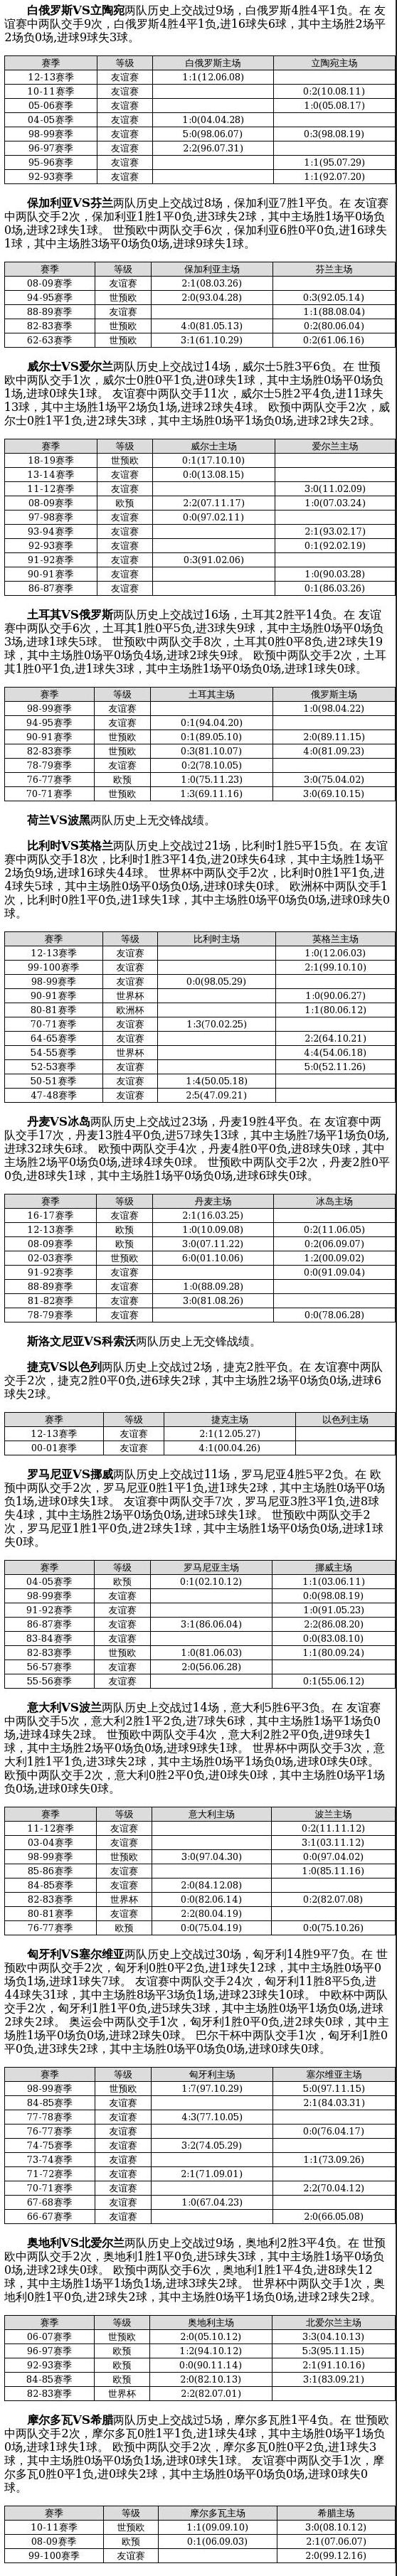 中国足球彩票20063期胜负游戏14场交战记录